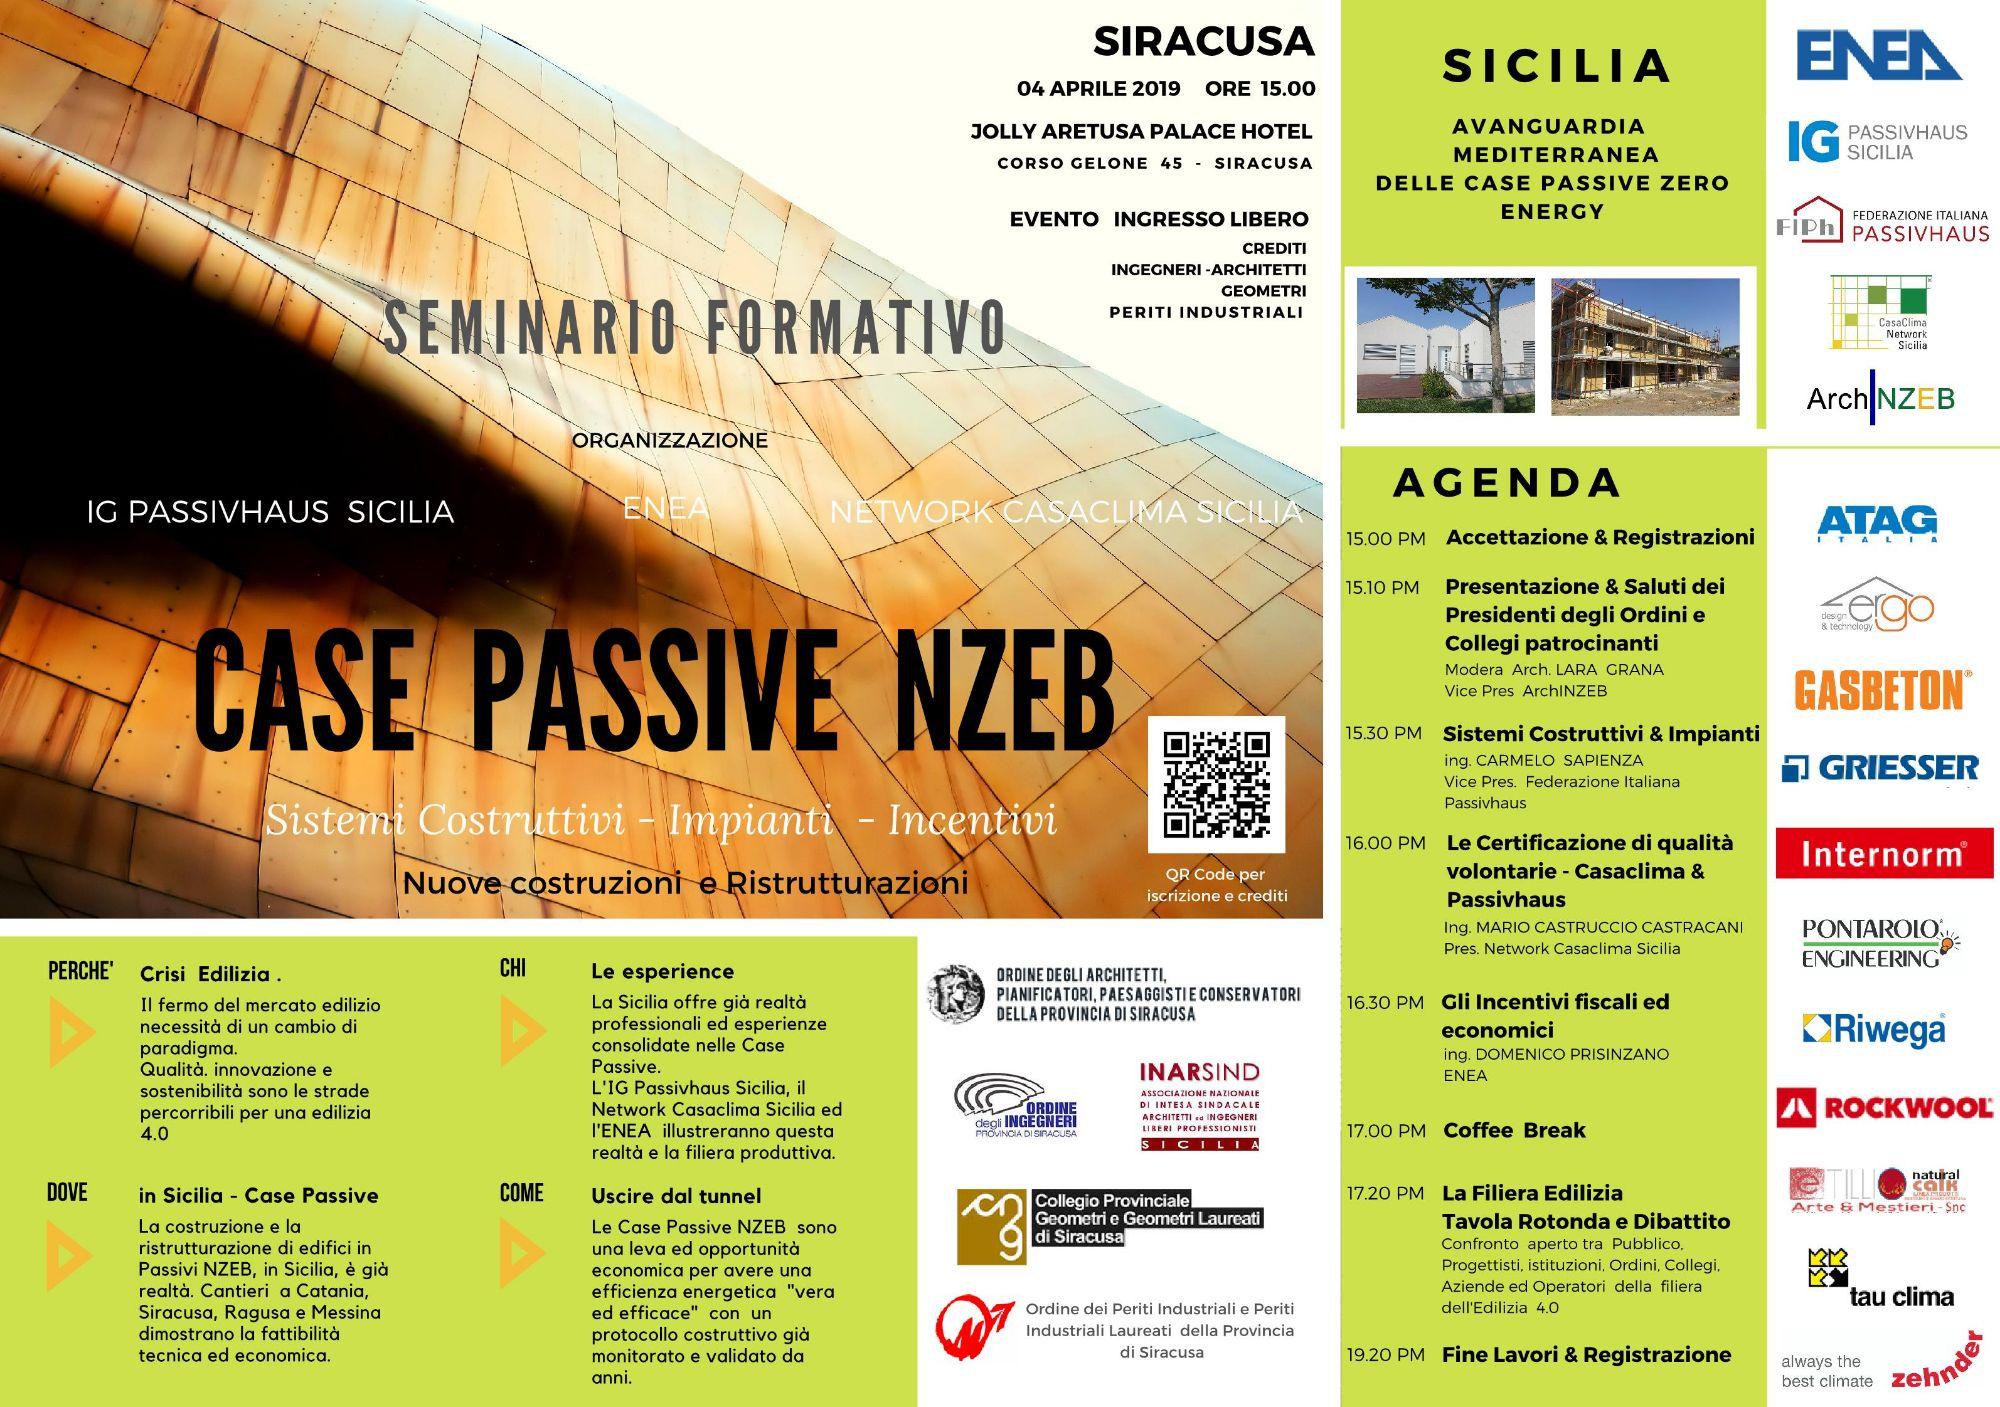 SR - CASE Passive Zero Energy - Incontro Convegno a Siracusa - 04 Aprile 2019